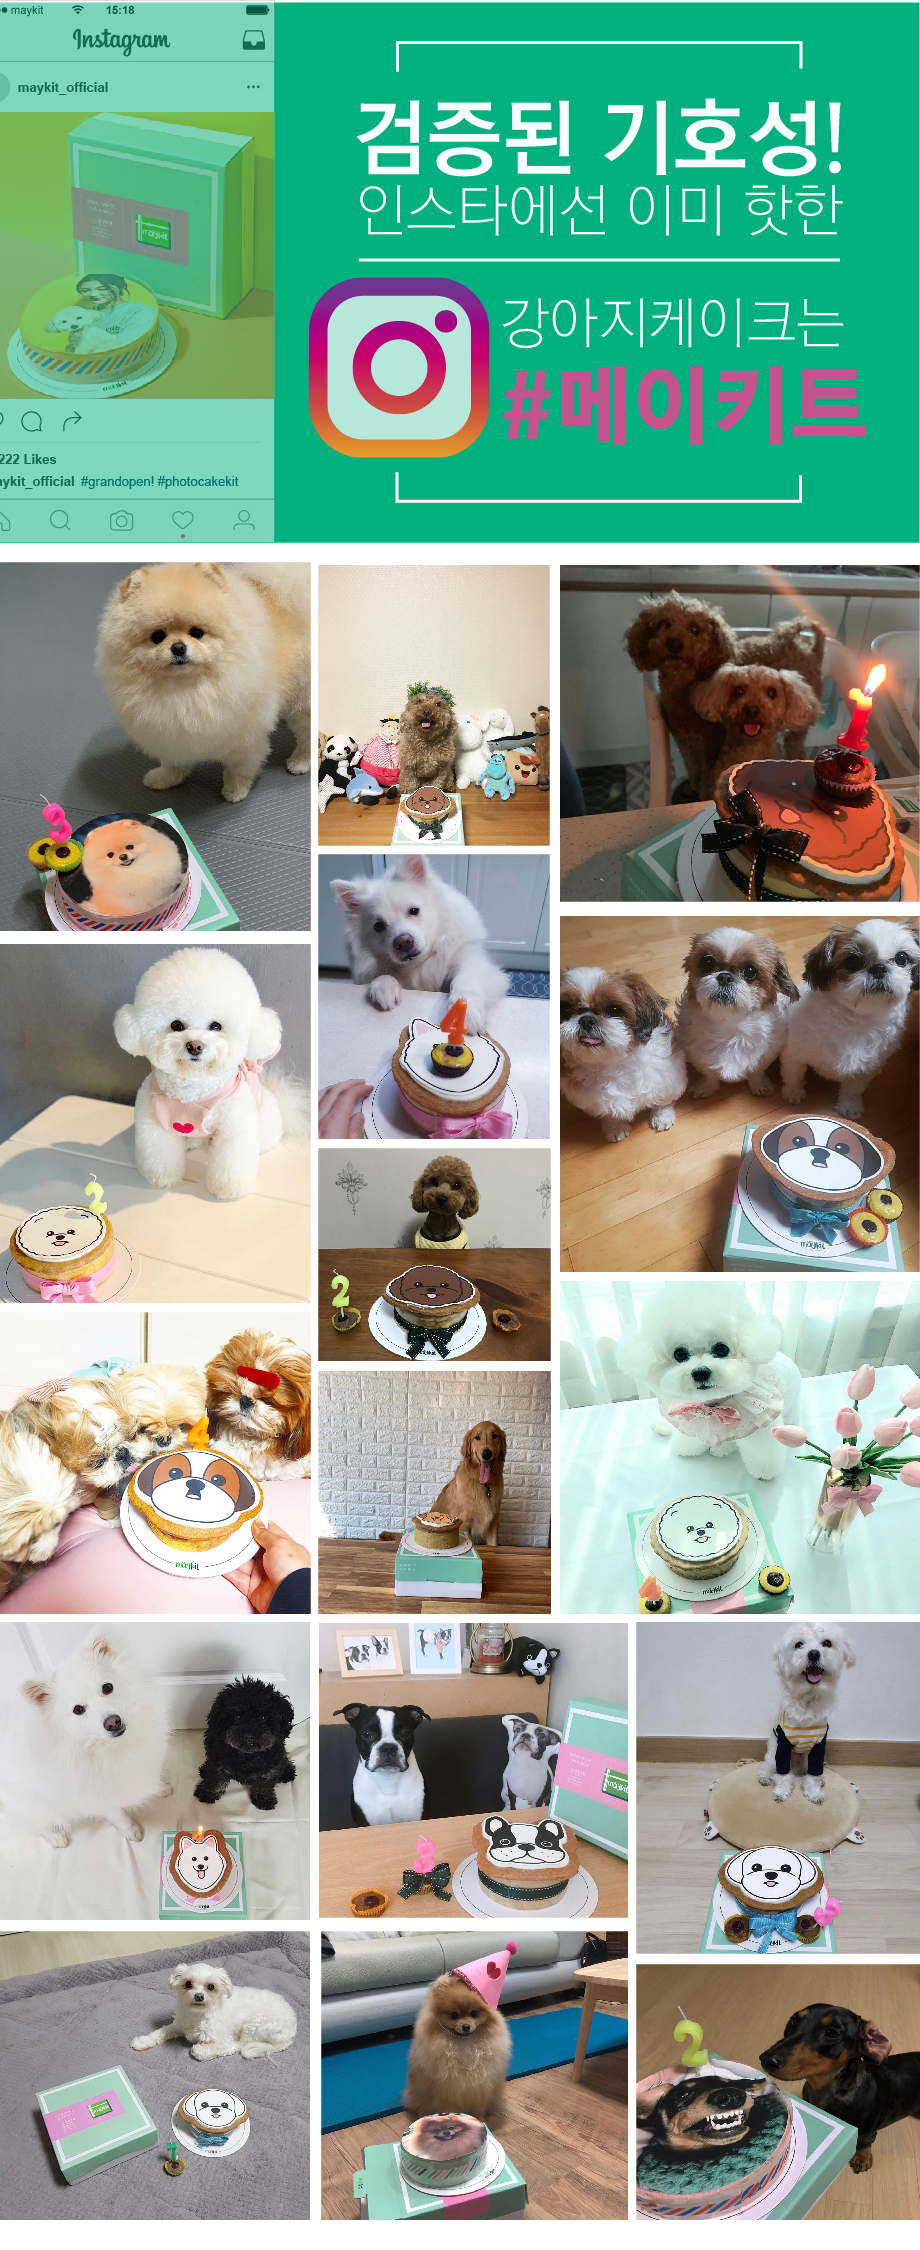 강아지 모양 케이크 골든리트리버 SHAPE CAKE KIT16,900원-메이키트펫샵, 강아지용품, 간식/영양제, 수제간식바보사랑강아지 모양 케이크 골든리트리버 SHAPE CAKE KIT16,900원-메이키트펫샵, 강아지용품, 간식/영양제, 수제간식바보사랑